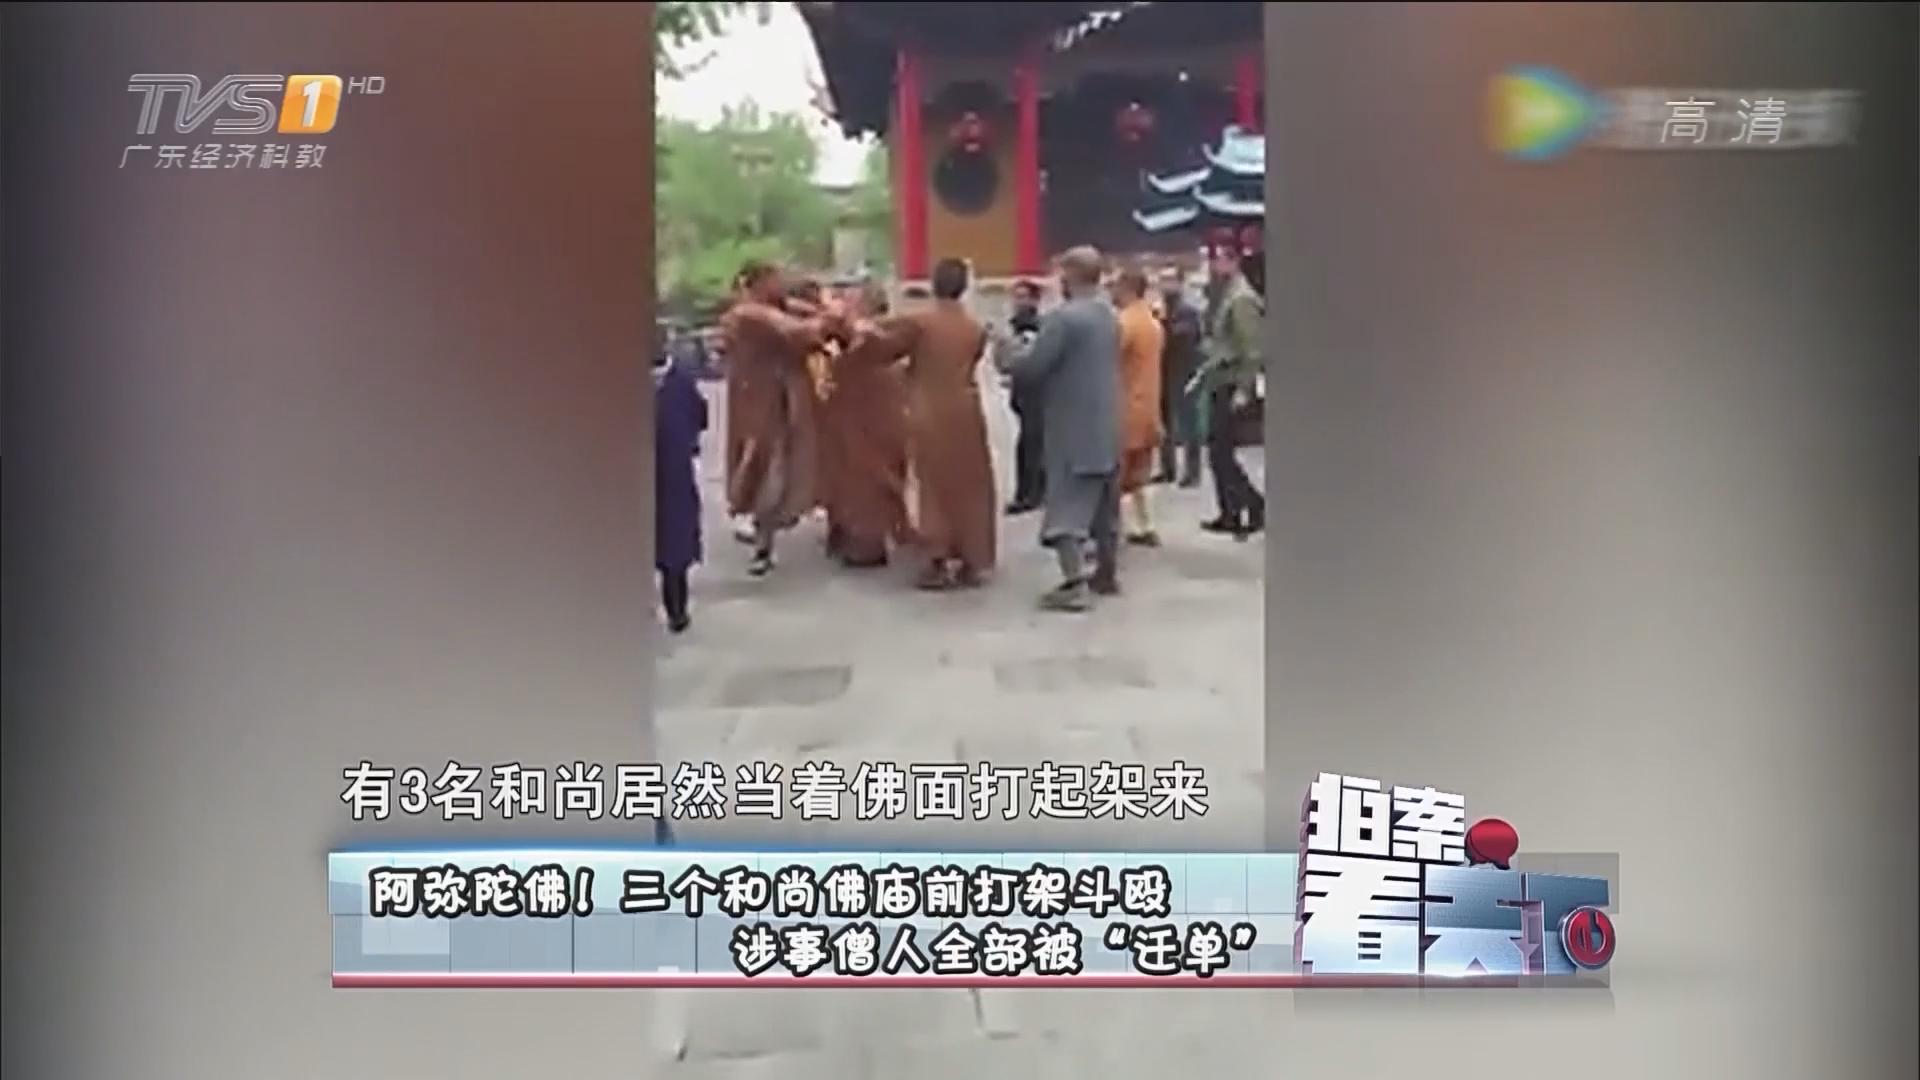 """阿弥陀佛!三个和尚佛庙前打架斗殴 涉事僧人全部被""""迁单"""""""